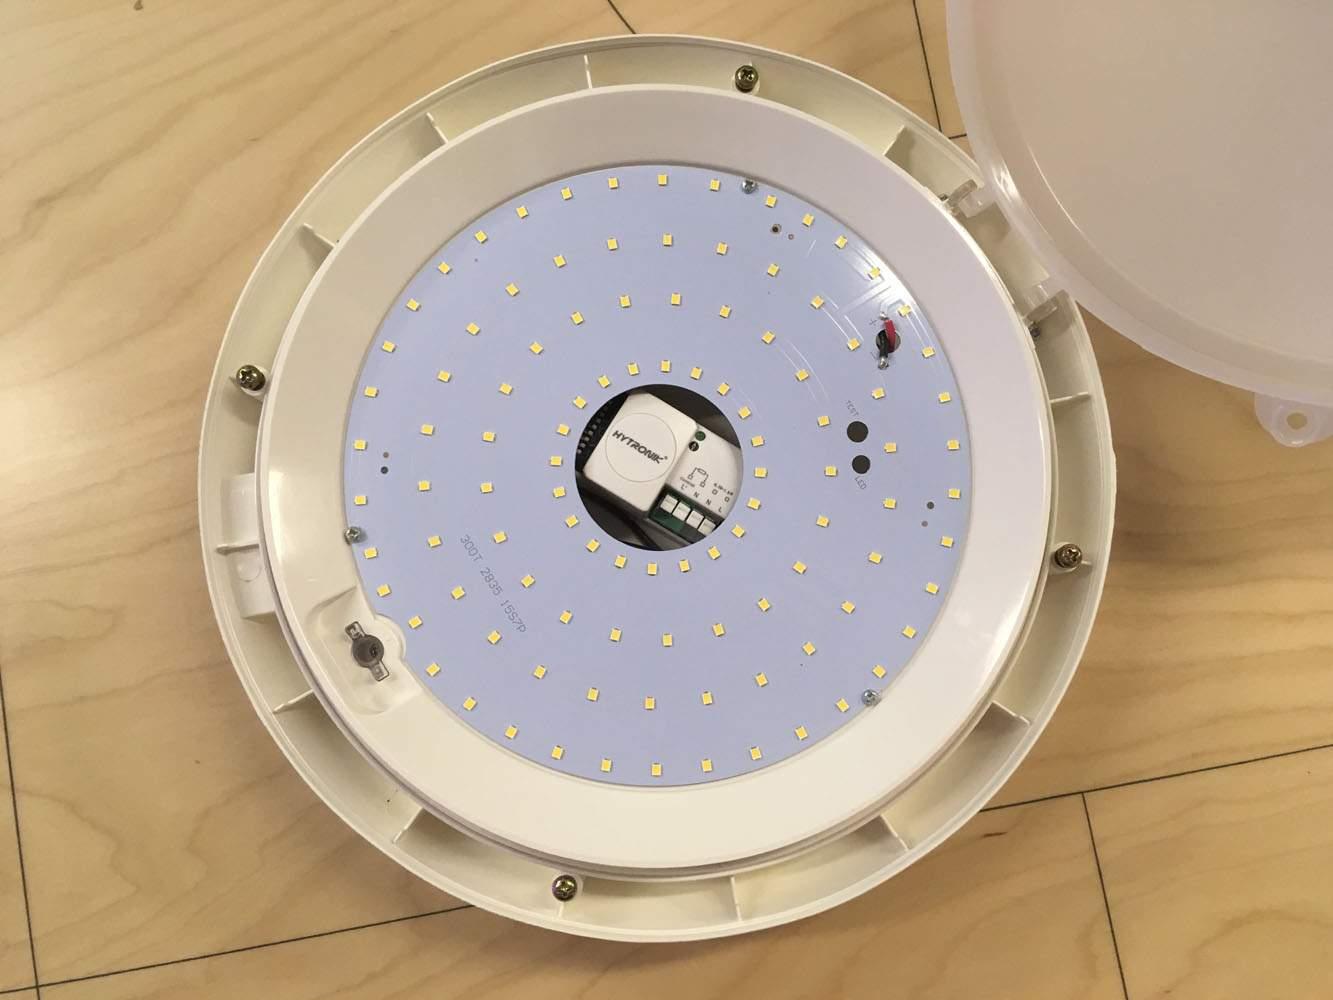 LED Plafoon  300 valge  15W 1200lm  IP66 päevavalge 4000K